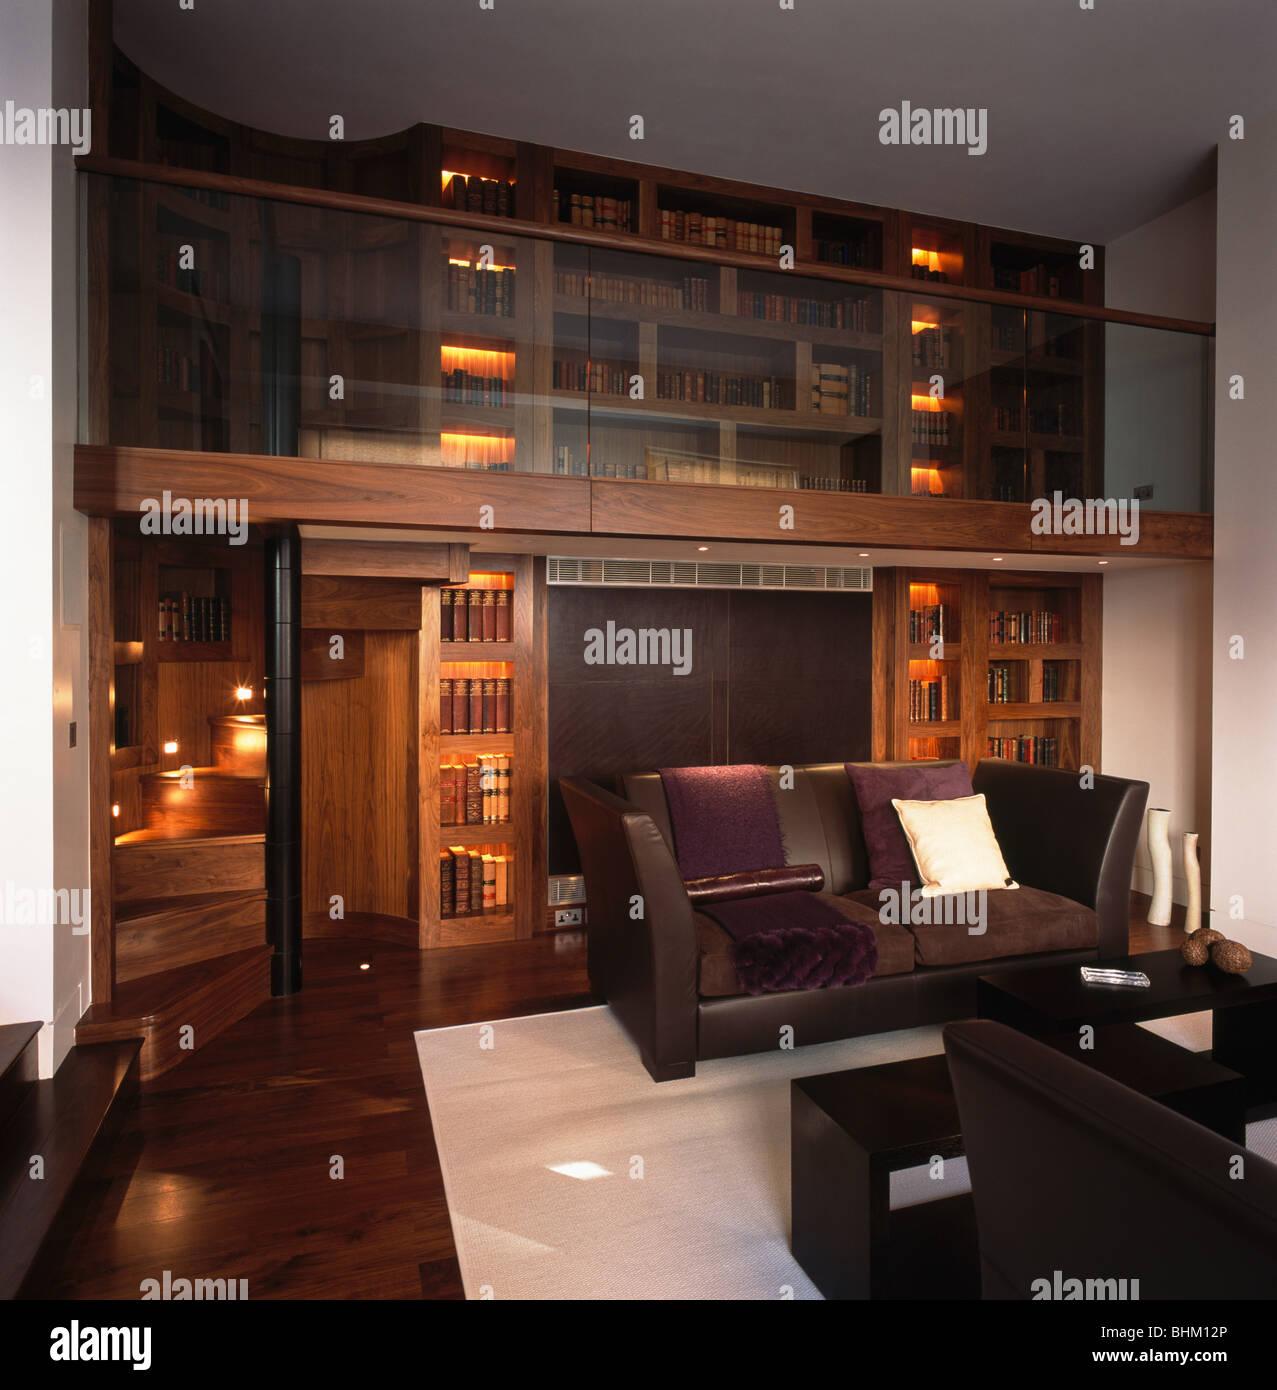 Braunen Ledersofas In Modernen Doppelter Höhe Bibliothek Wohnzimmer Mit  Wandbeleuchtung Und Weißen Teppich